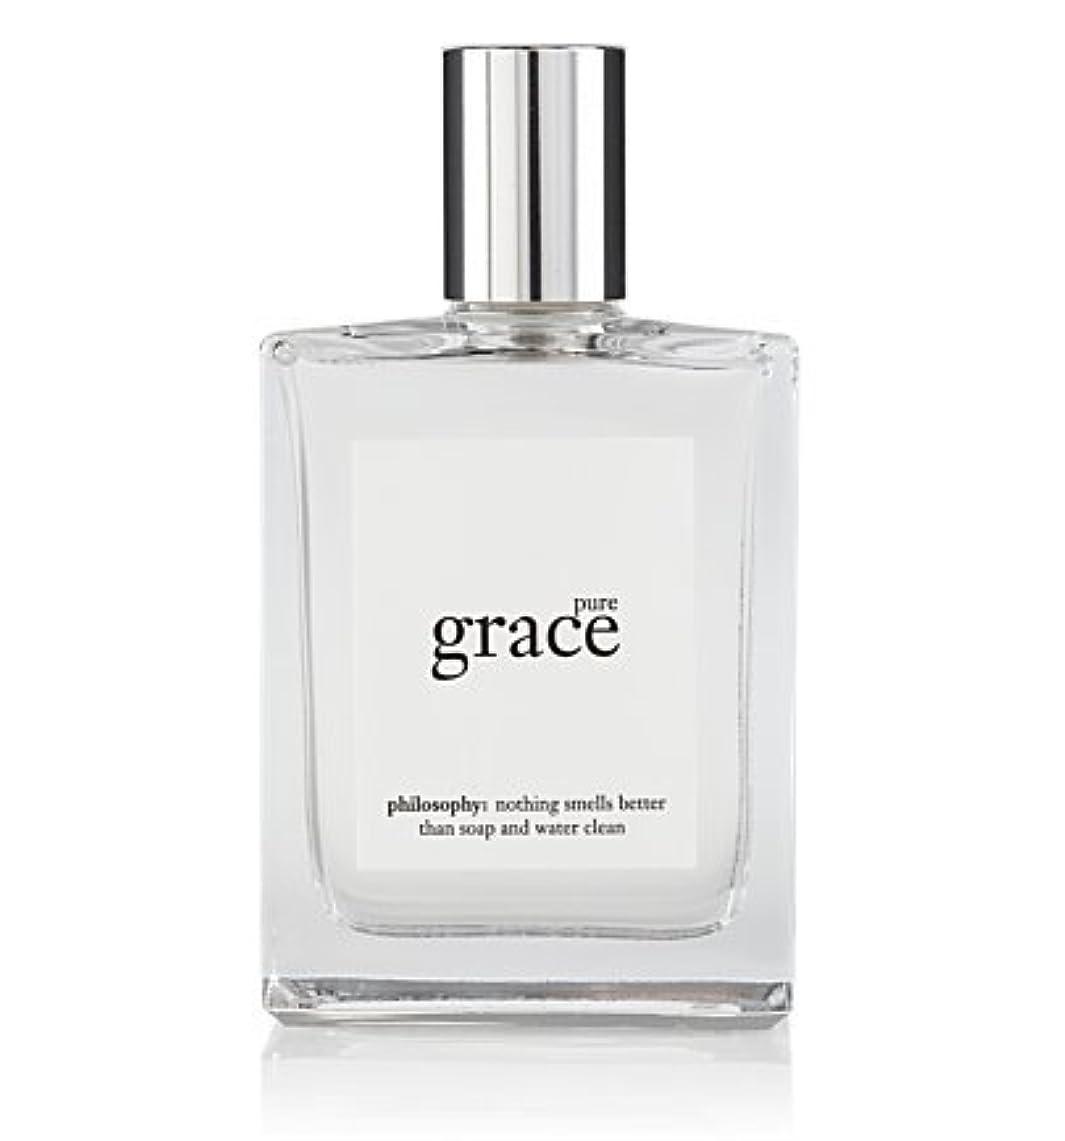 超えてダイアクリティカル起こりやすいpure grace (ピュアグレイス ) 2.0 oz (60ml) Spray fragrance for Women